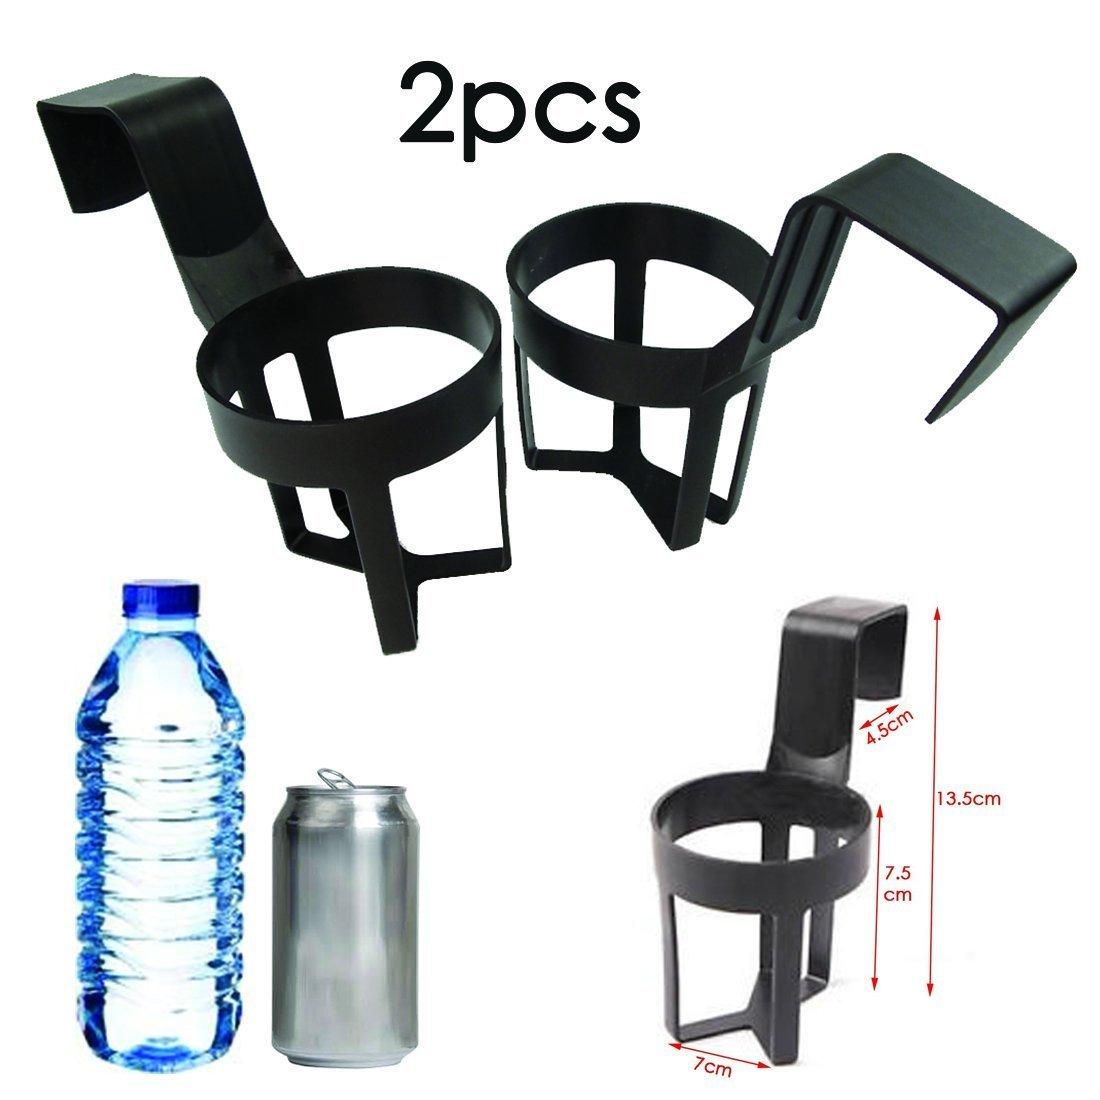 Warehouseshop WSS - Black 2Pcs Car Truck Van Door Cup Mount Beverage Drink Bottle Hanging Holder Stand Organiser